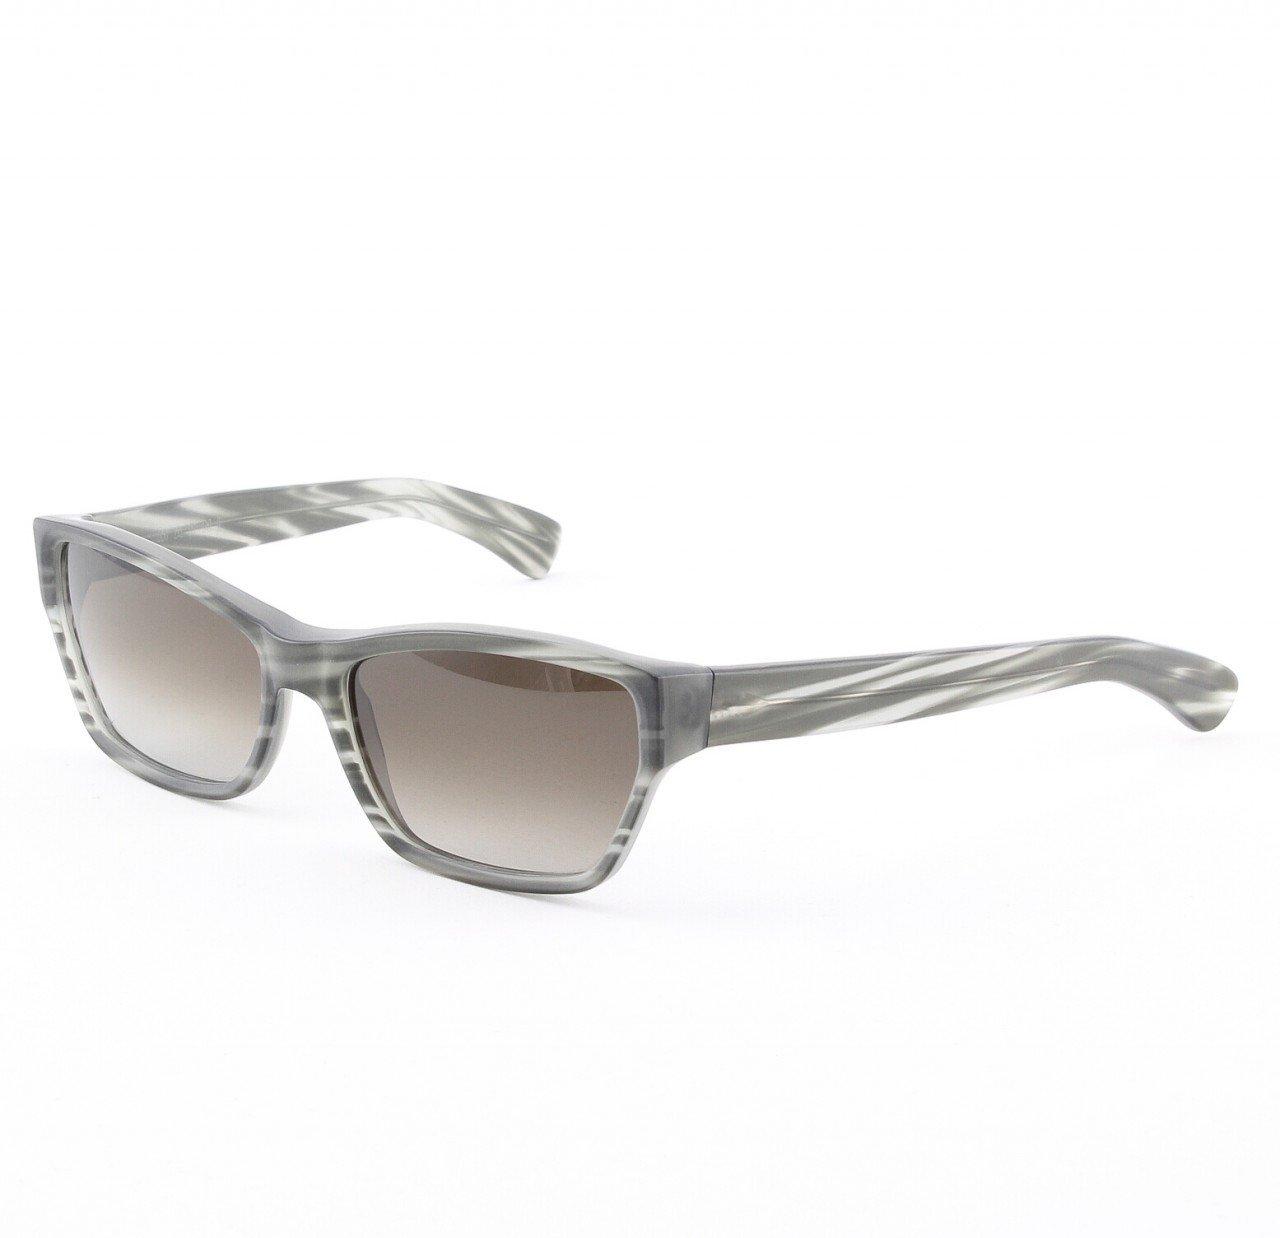 Marni MA206S Sunglasses Col. 02 Gray with Gray Gradient Lenses